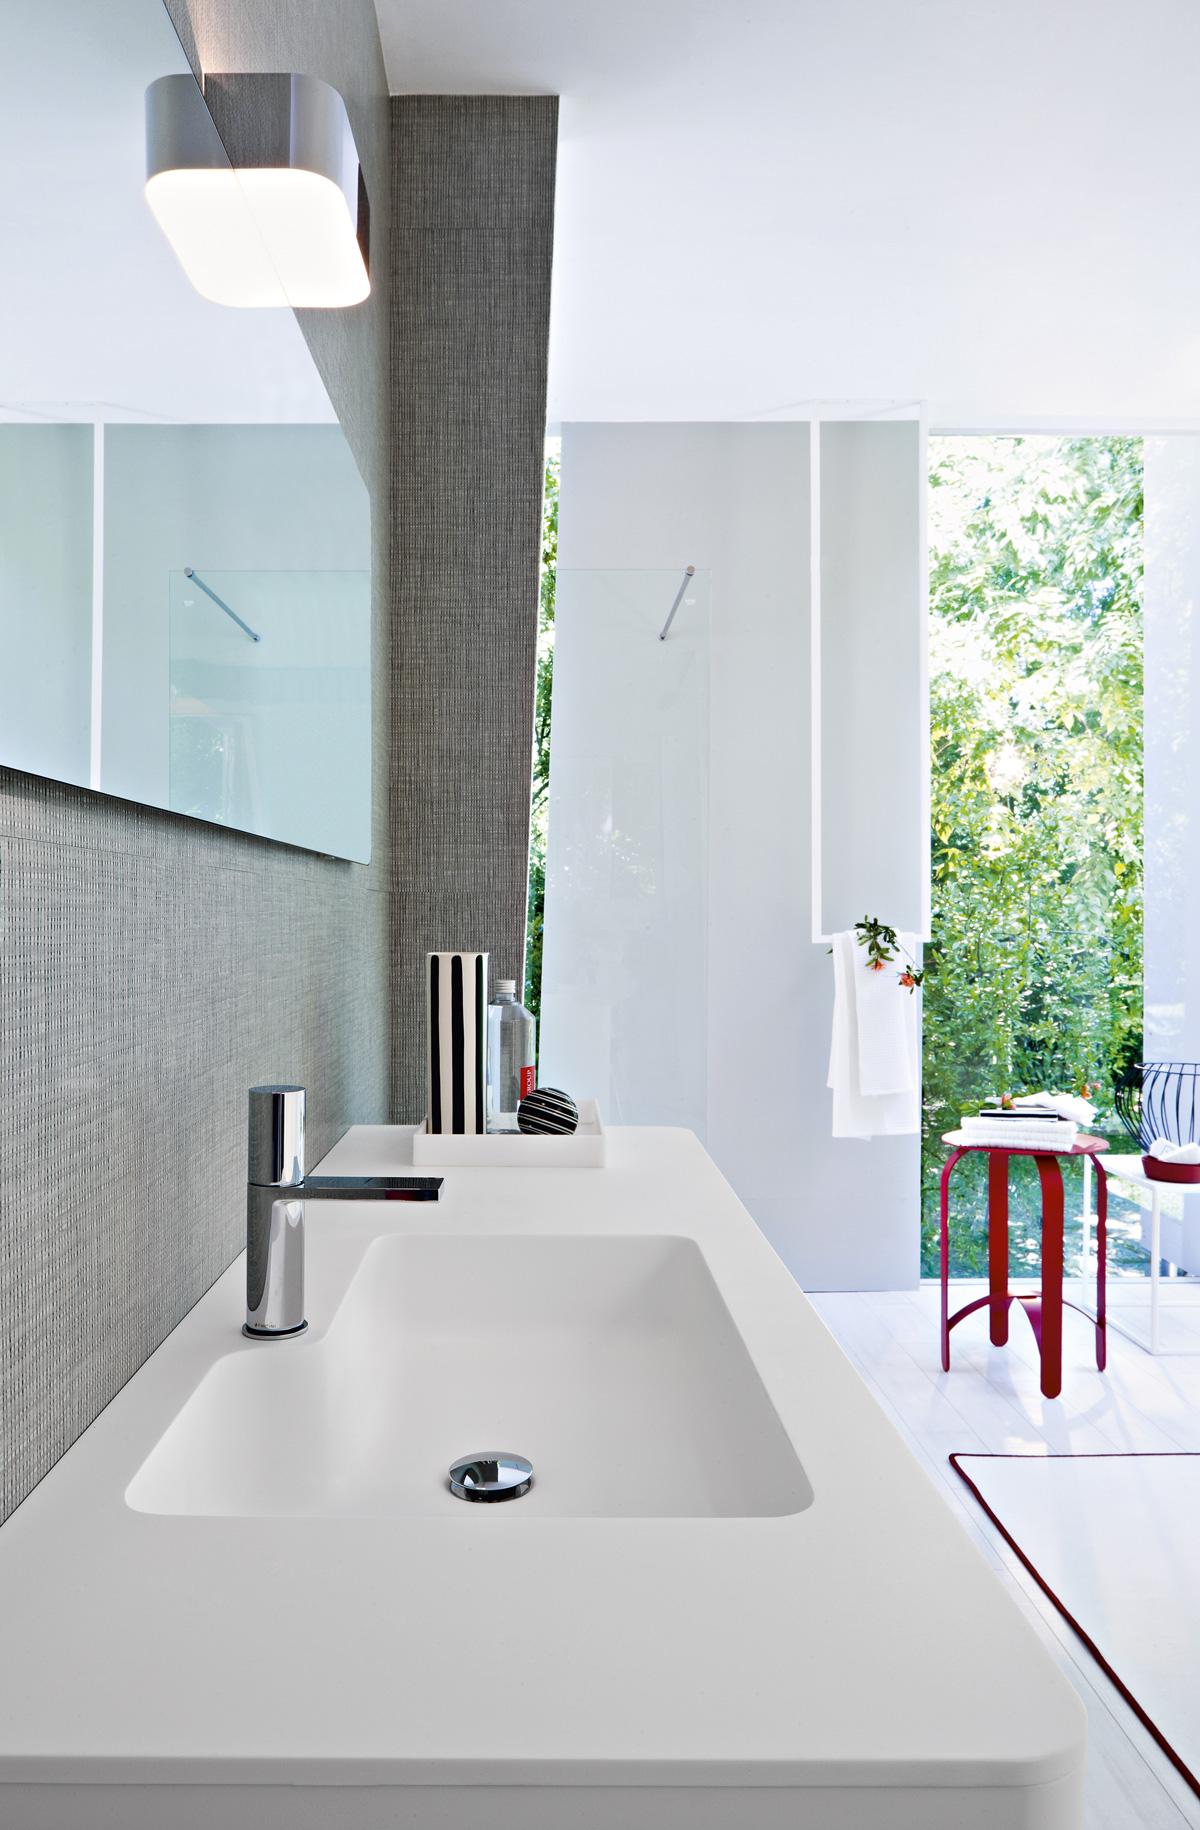 Come scegliere il lavabo del bagno - Ideagroup Blog